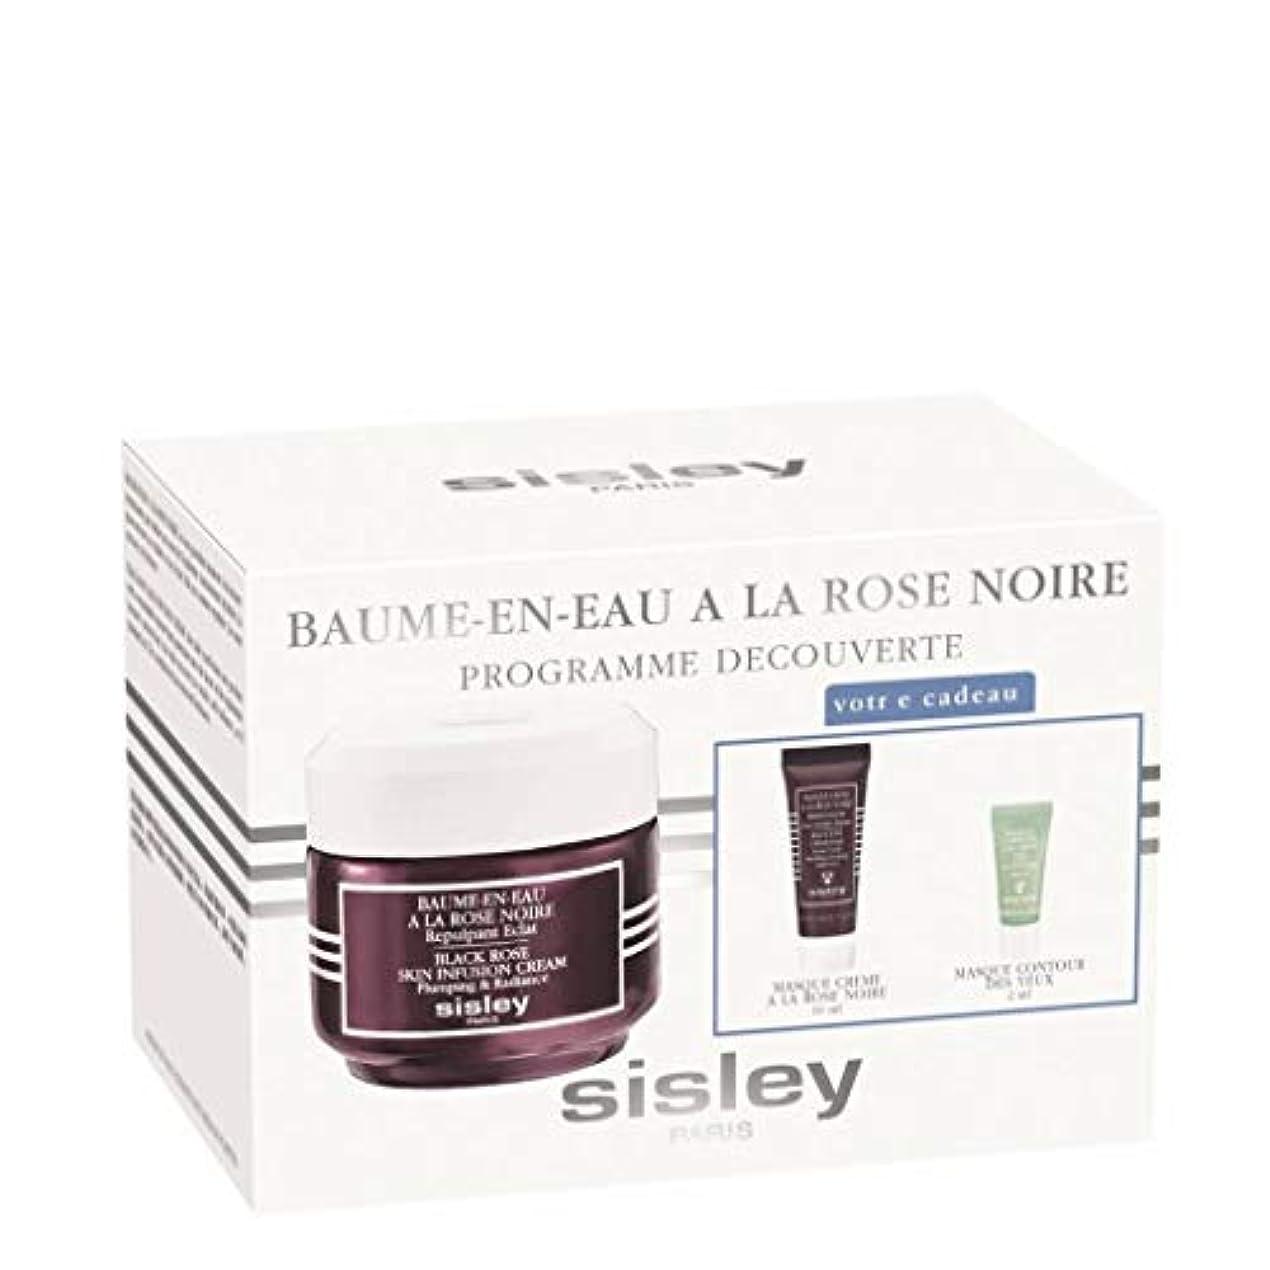 パワー私のモードリンシスレー Black Rose Skin Infusion Cream Discovery Program: Black Rose Skin Infusion Cream 50ml+Black Rose Cream Mask...